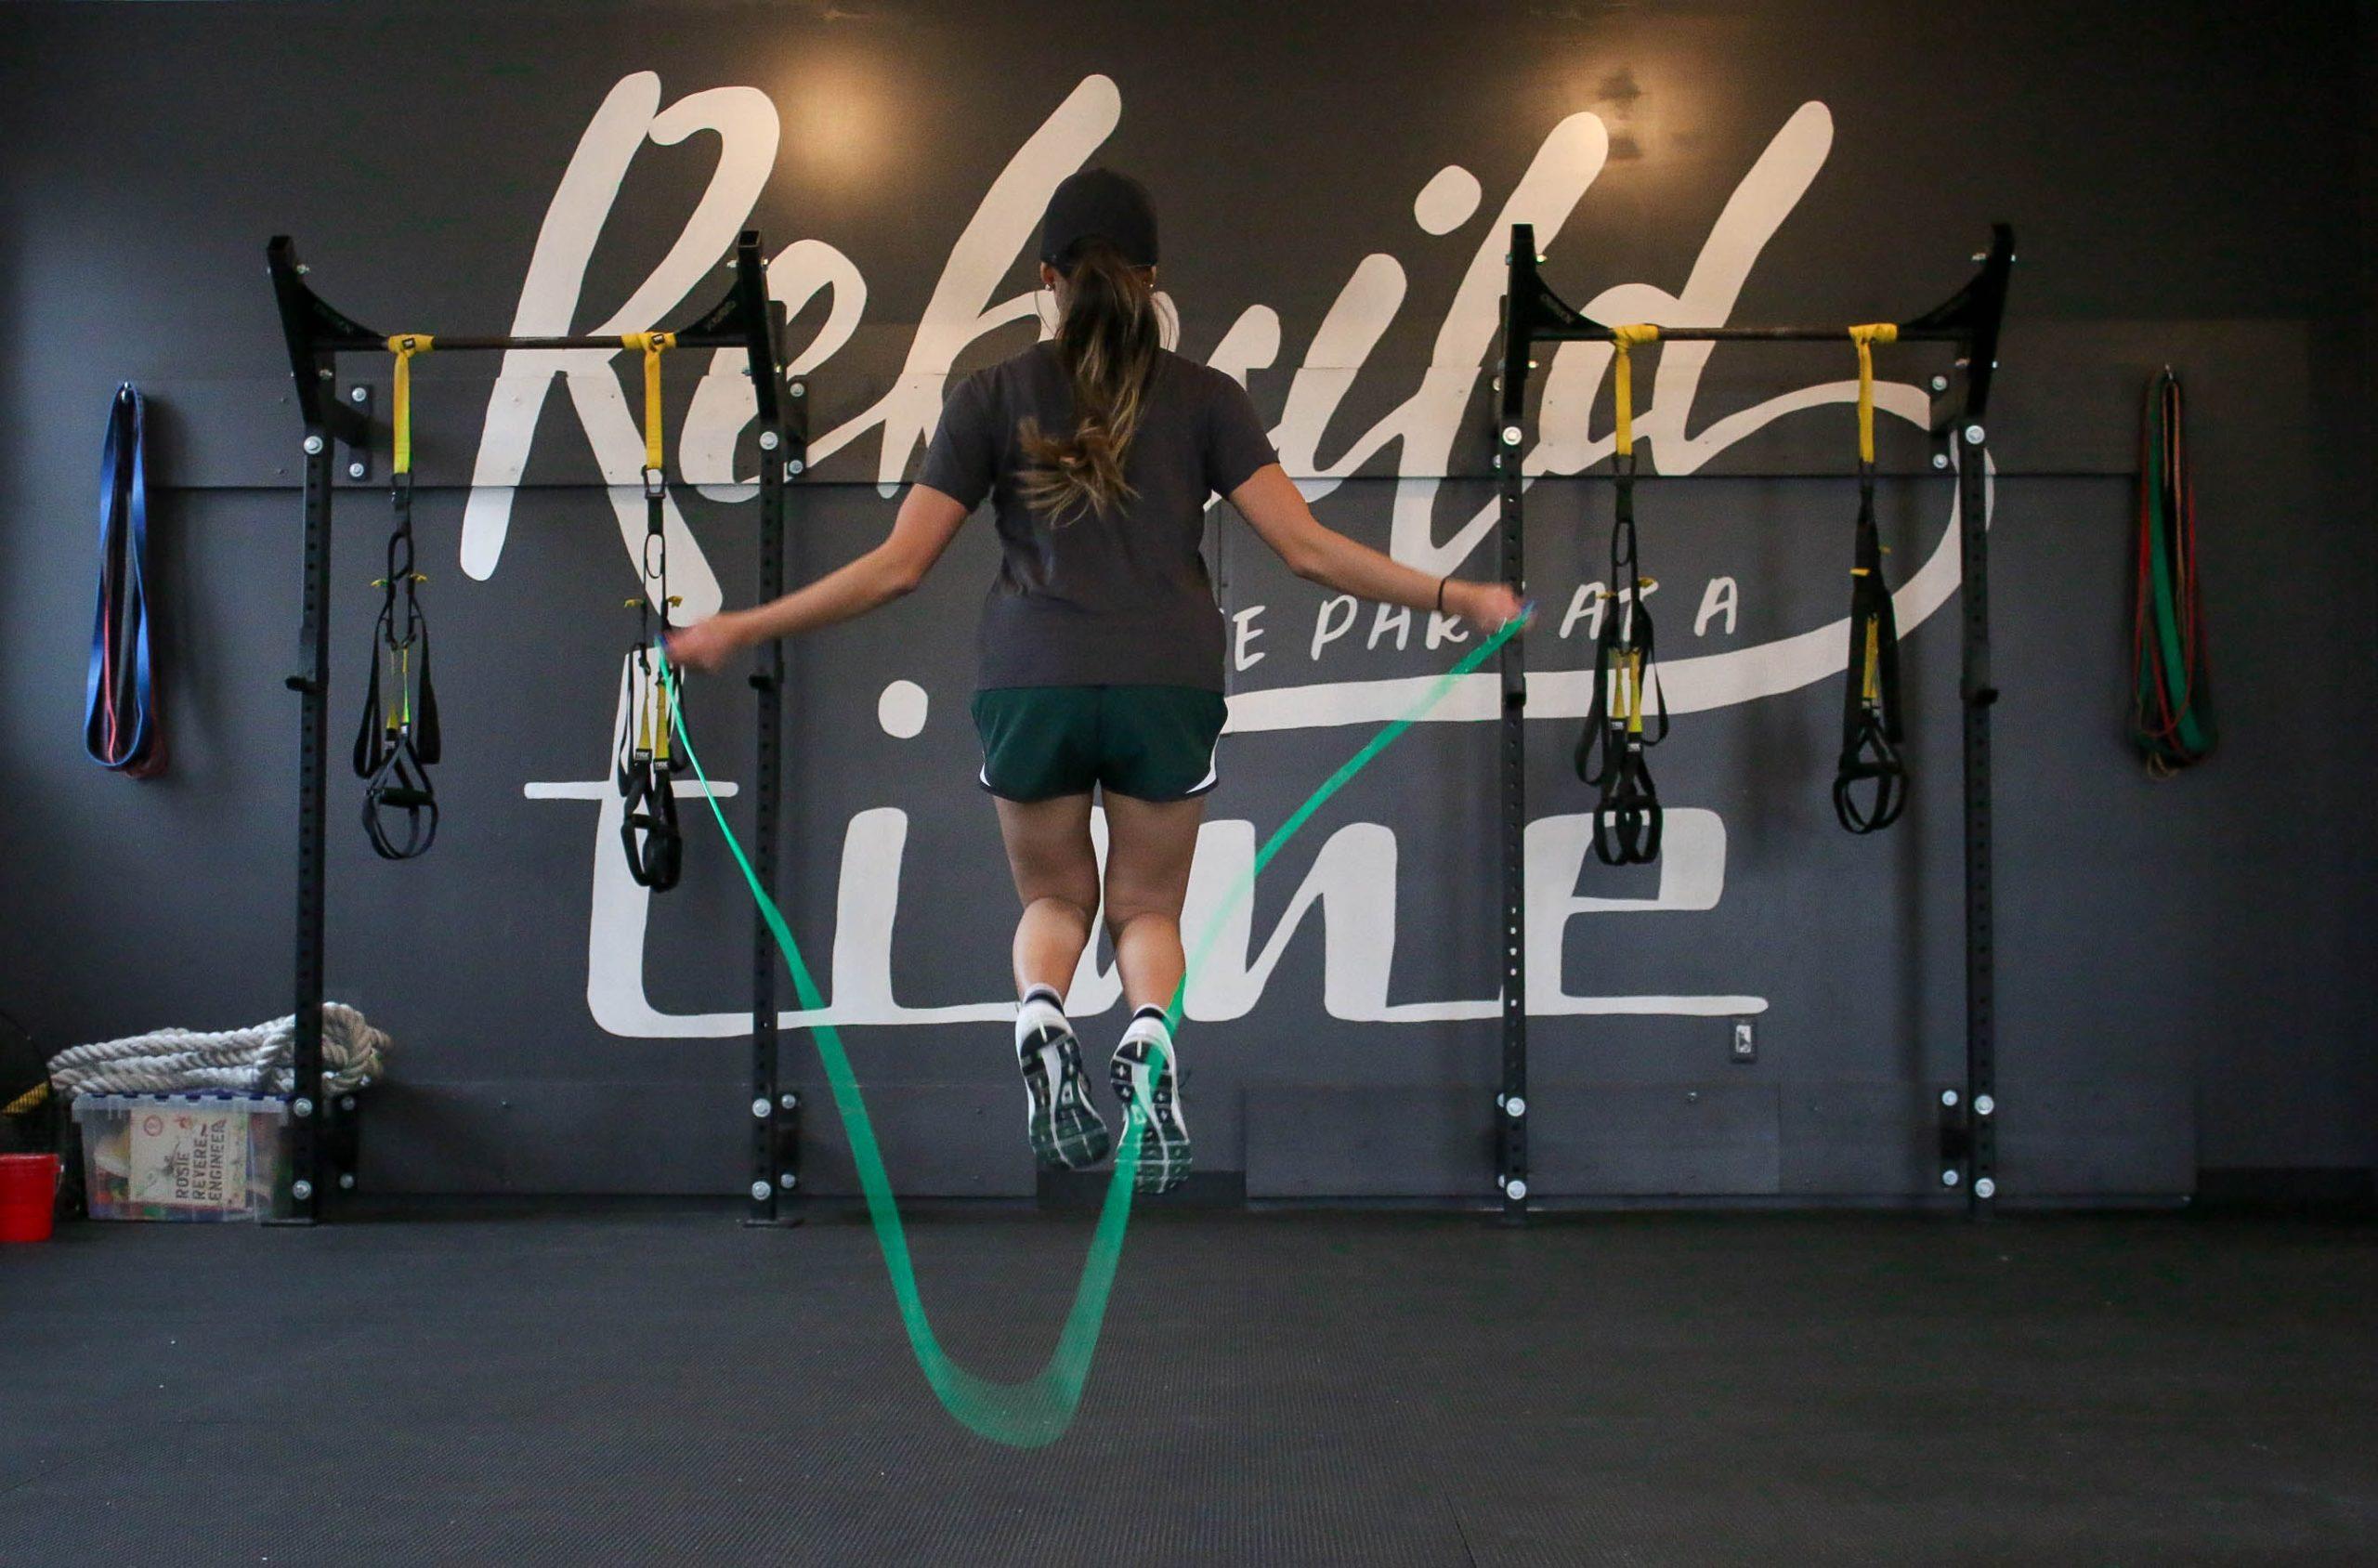 Czy odchudzanie na skakance jest możliwe? – Emilia Kaba